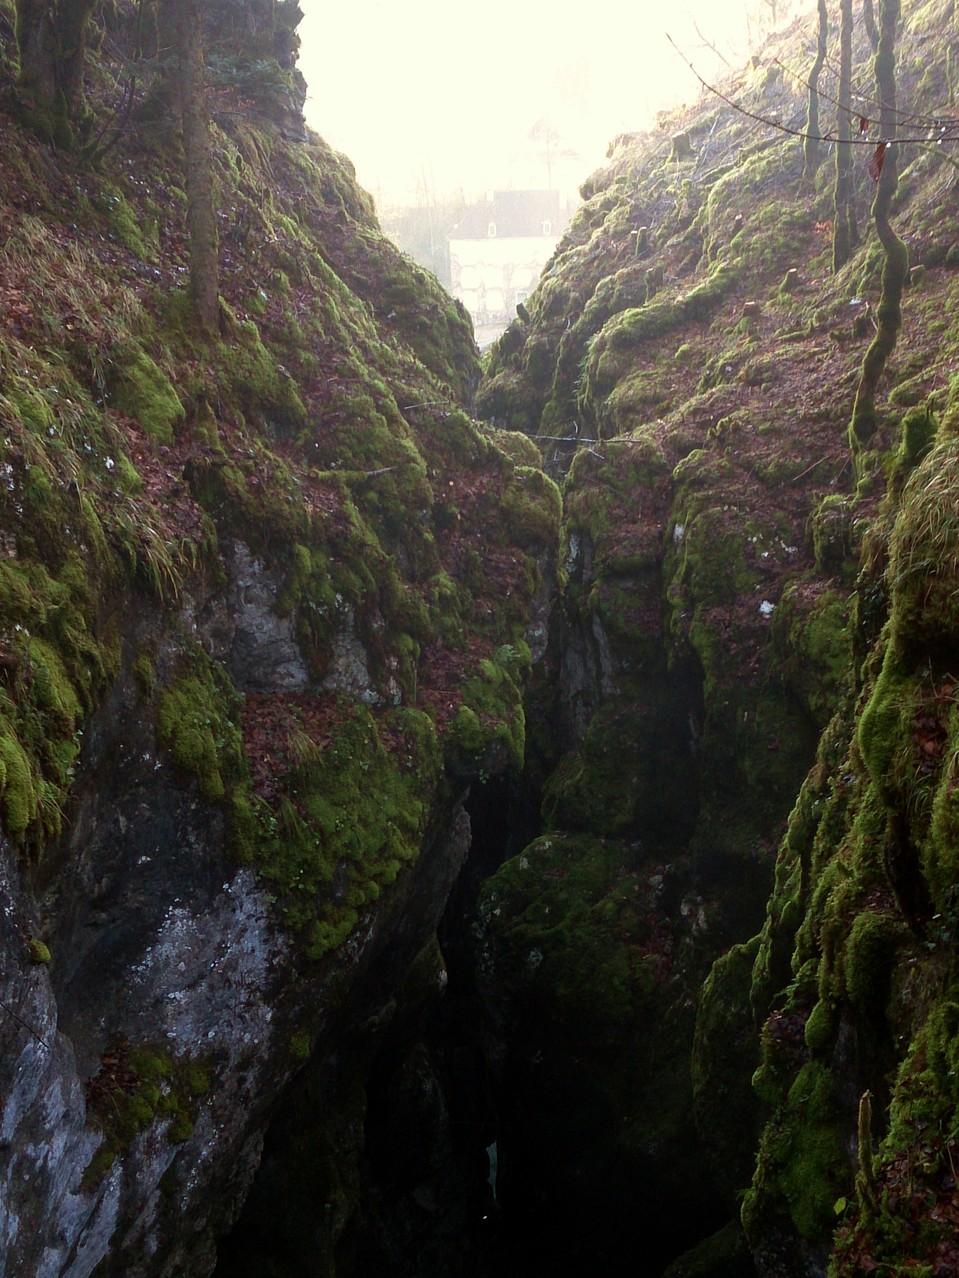 la rivière disparaît dans la faille